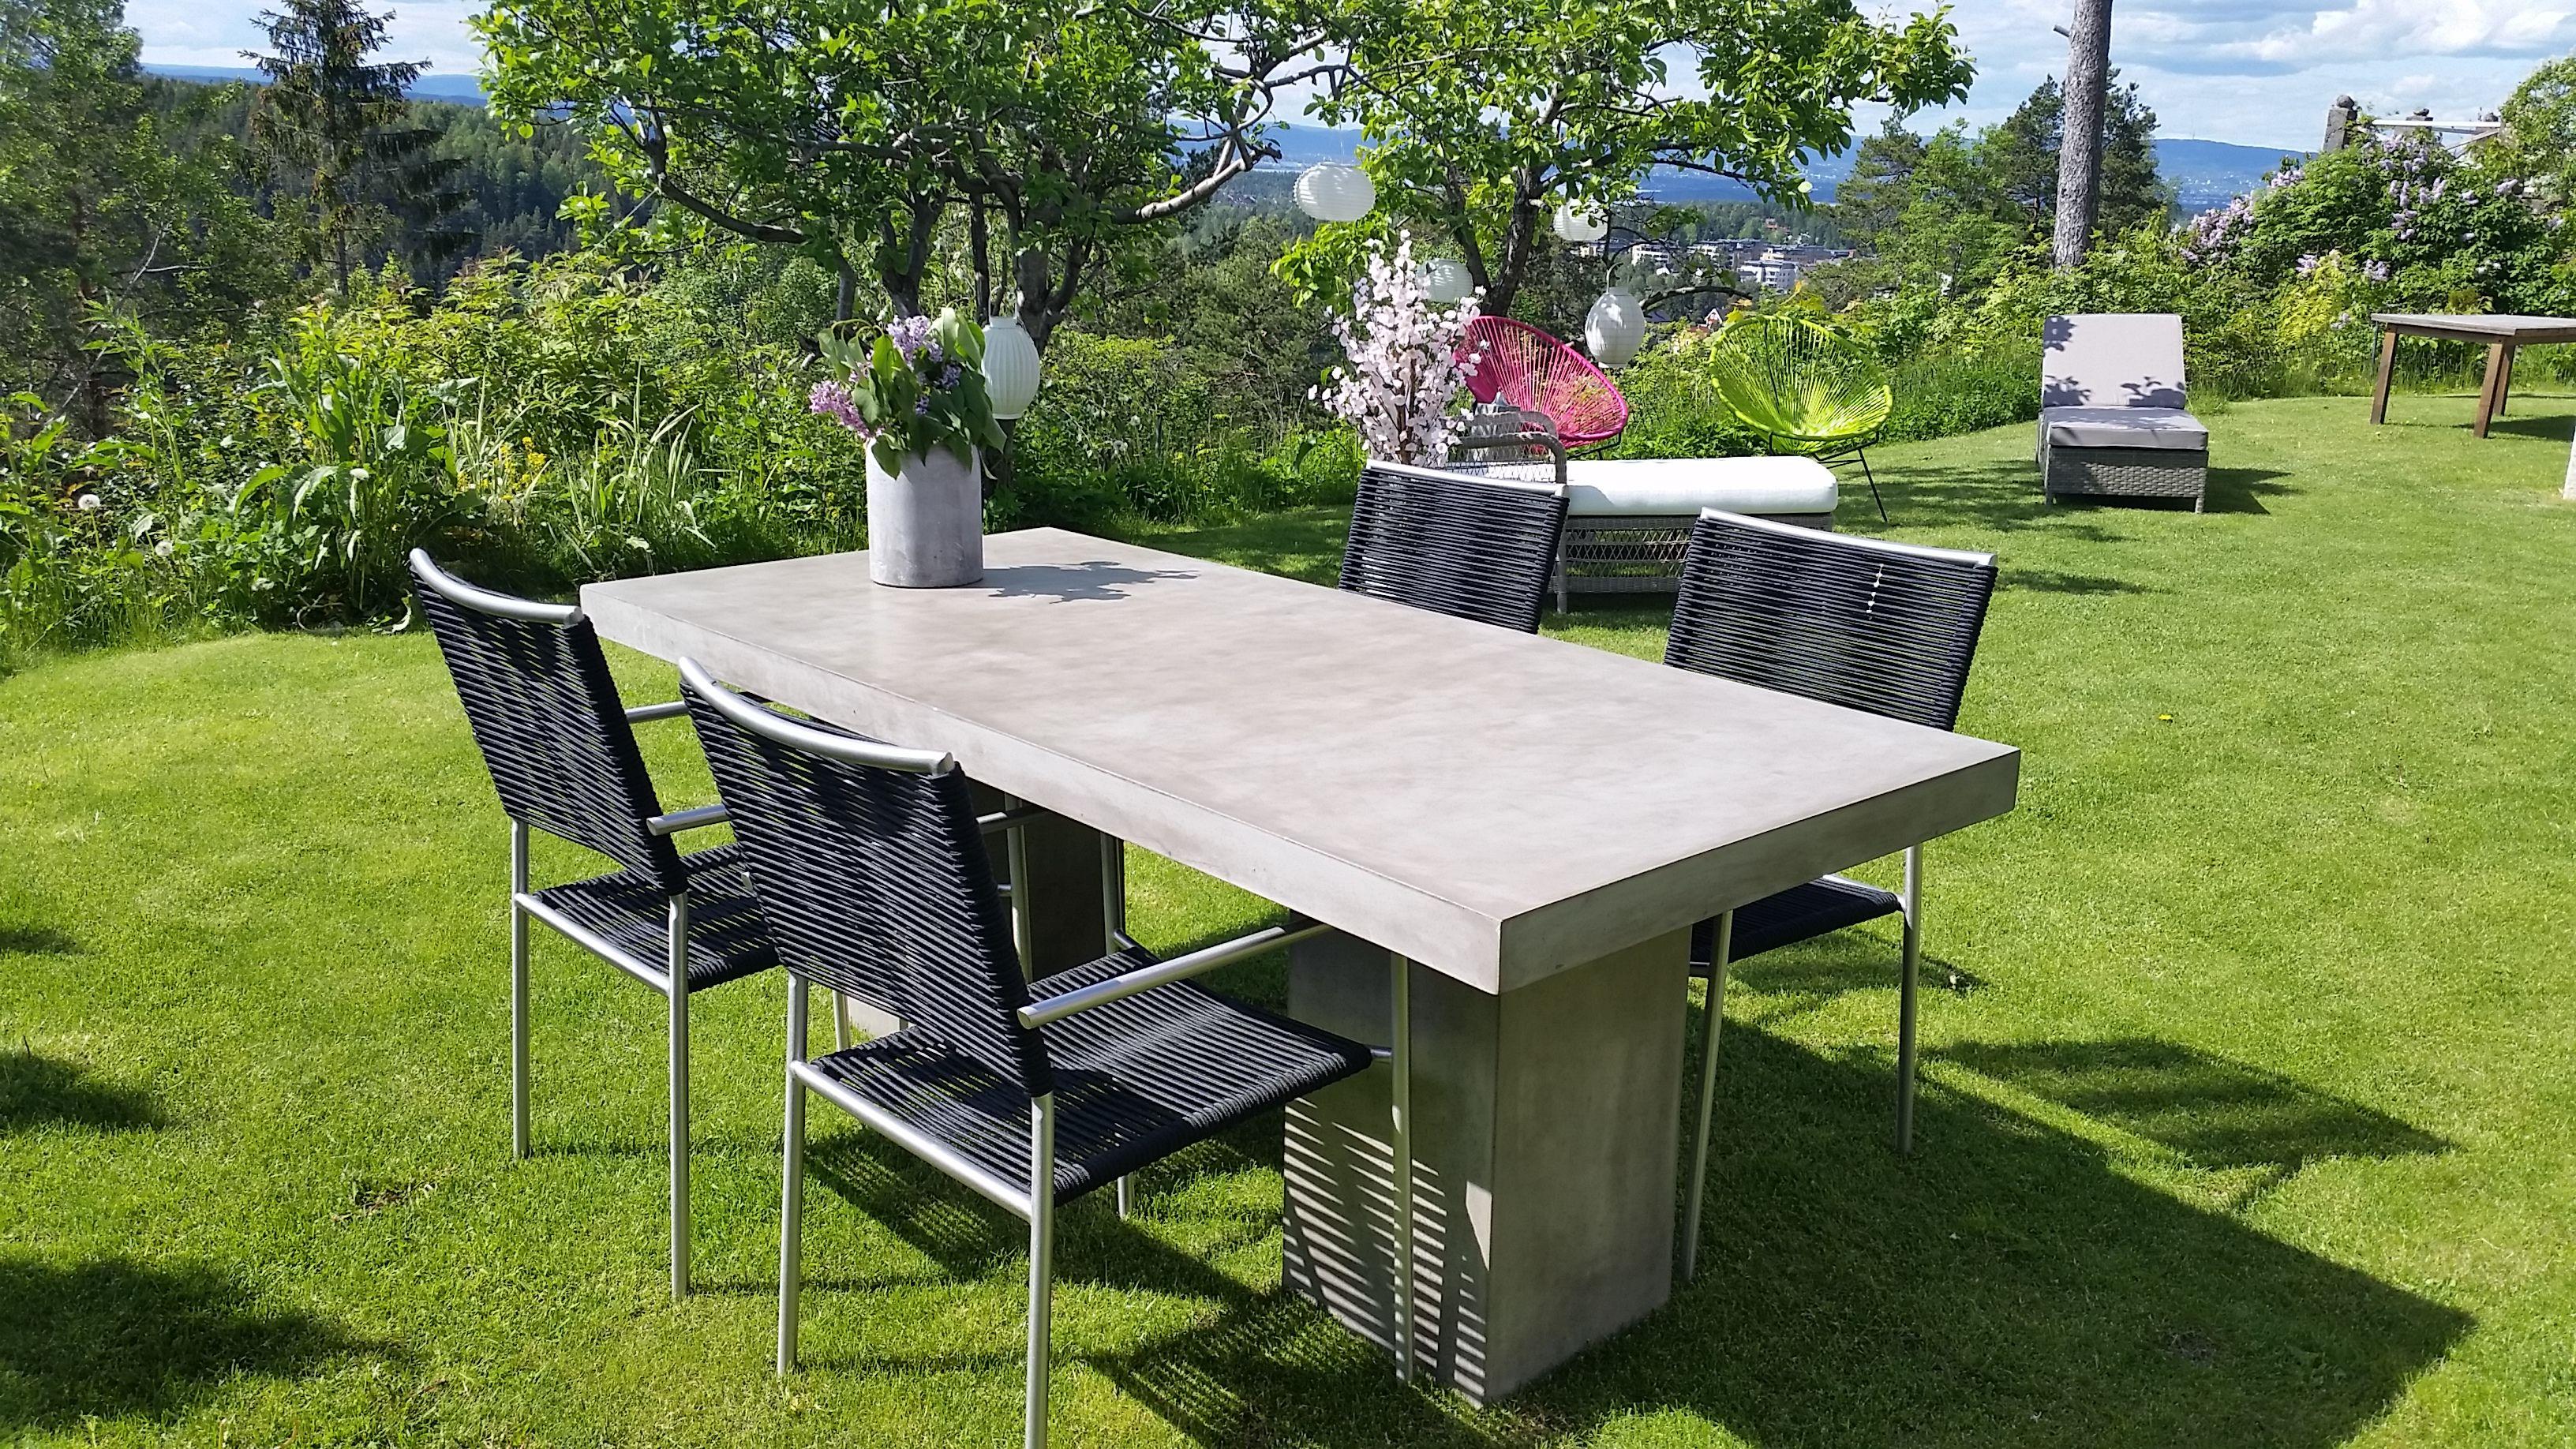 Bord i fiber cement. Kando table: Lengde 200 cm, bredde 90 cm og høyde 76 cm. For mer info og bestilling: www.krogh-design.no